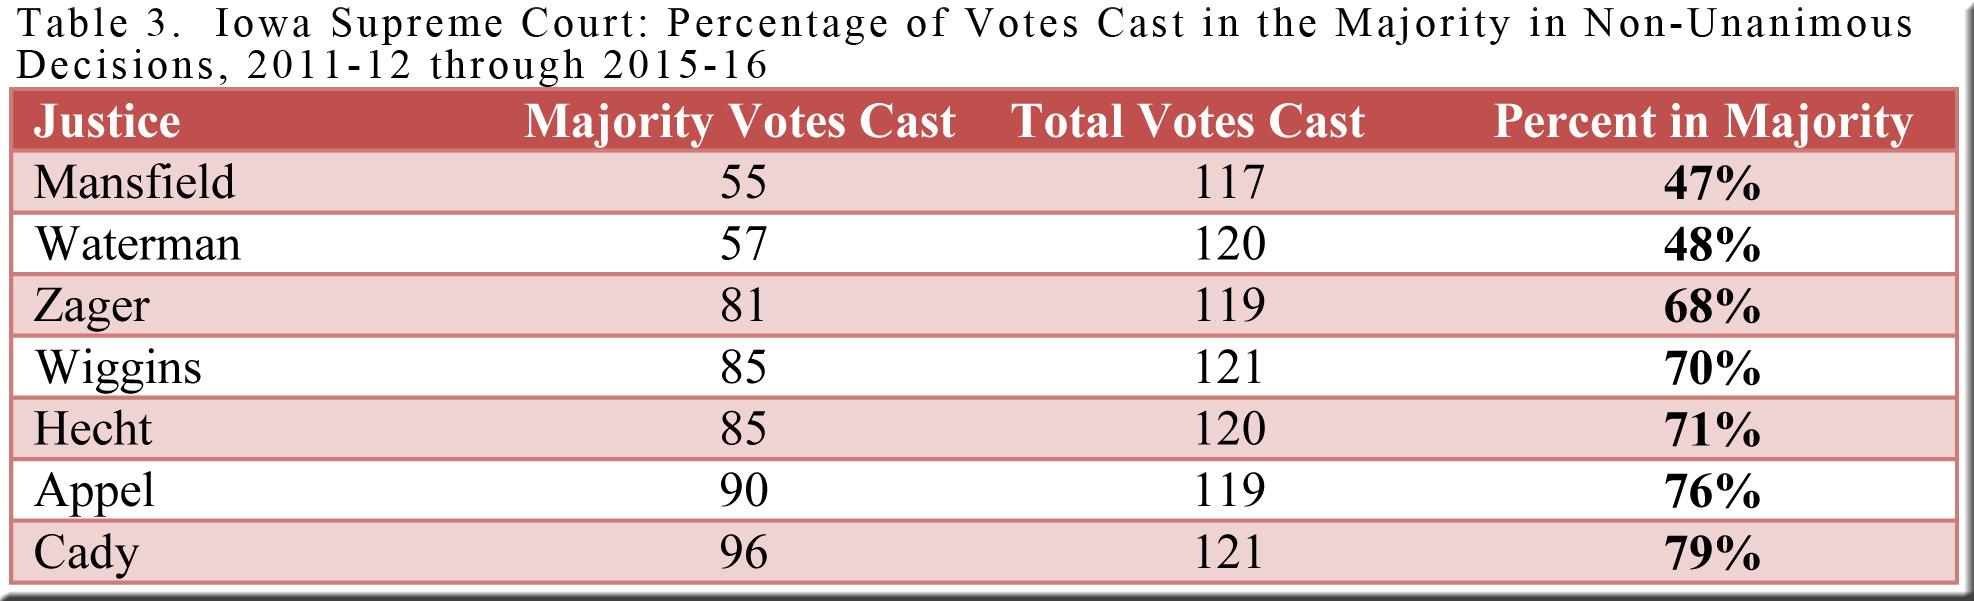 table-3-io-majority-votes-2011-12-thru-2015-16